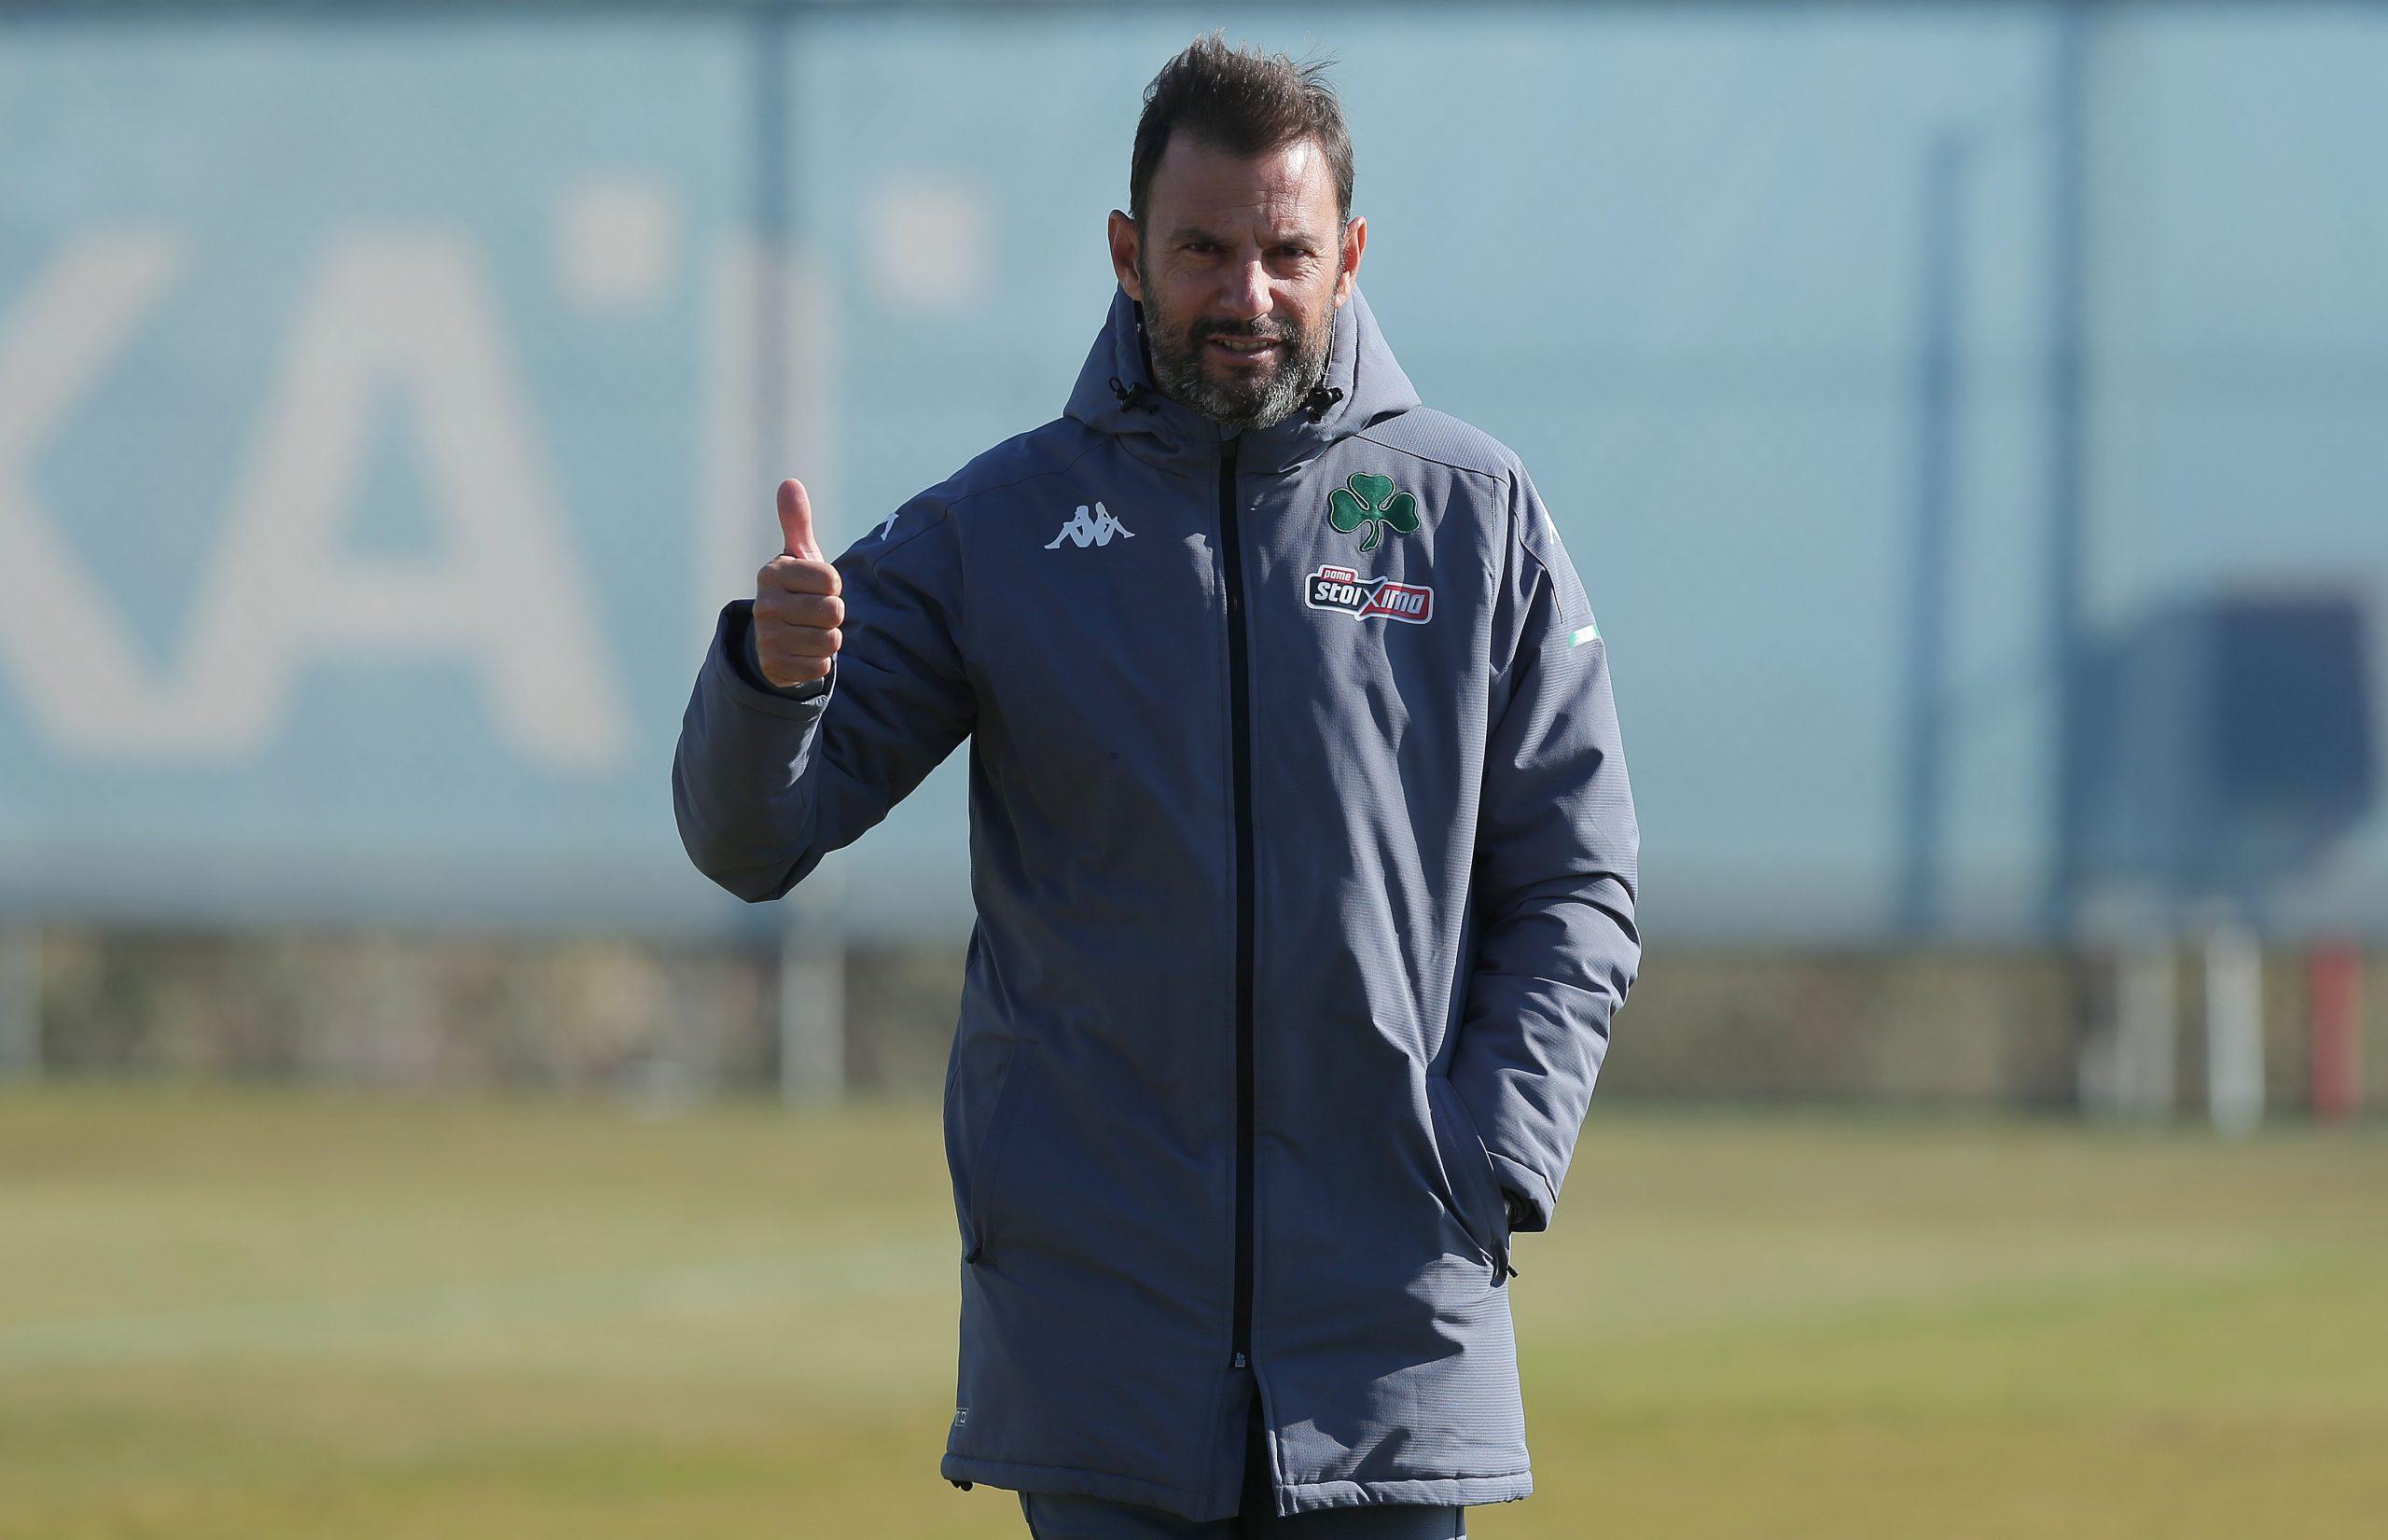 Συλαϊδόπουλος: «Είμαι ευγνώμων προς το σύλλογο – Καλή συνέχεια σε όλους»! (Pic)   panathinaikos24.gr